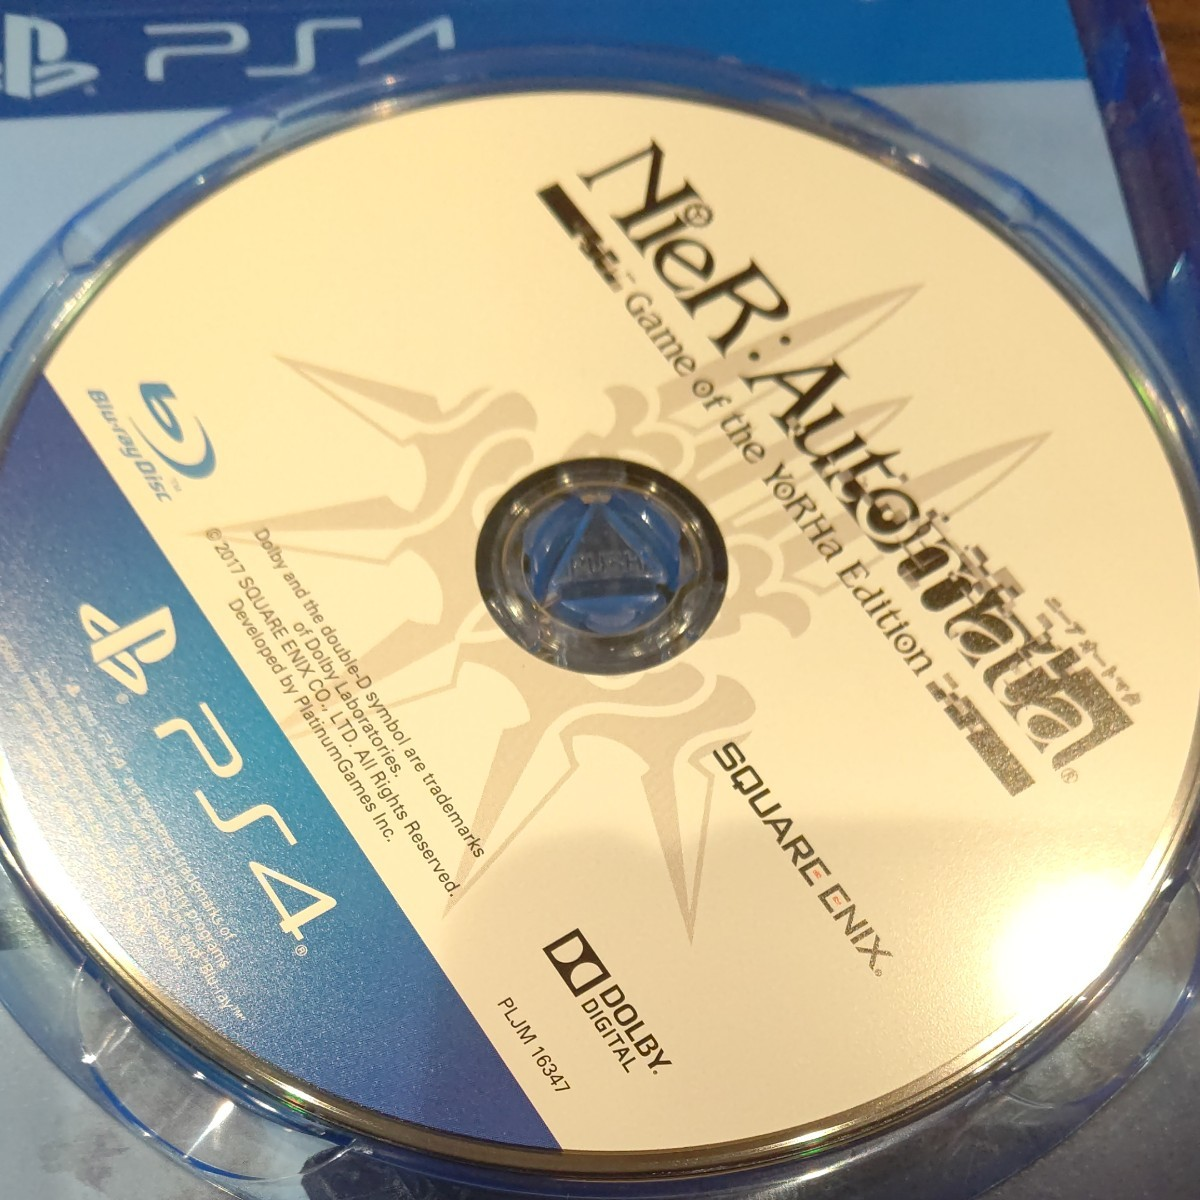 特典コード未使用 ニーアオートマタ ゲームオブザヨルハエディション PS4 NieR:Automata GOTY